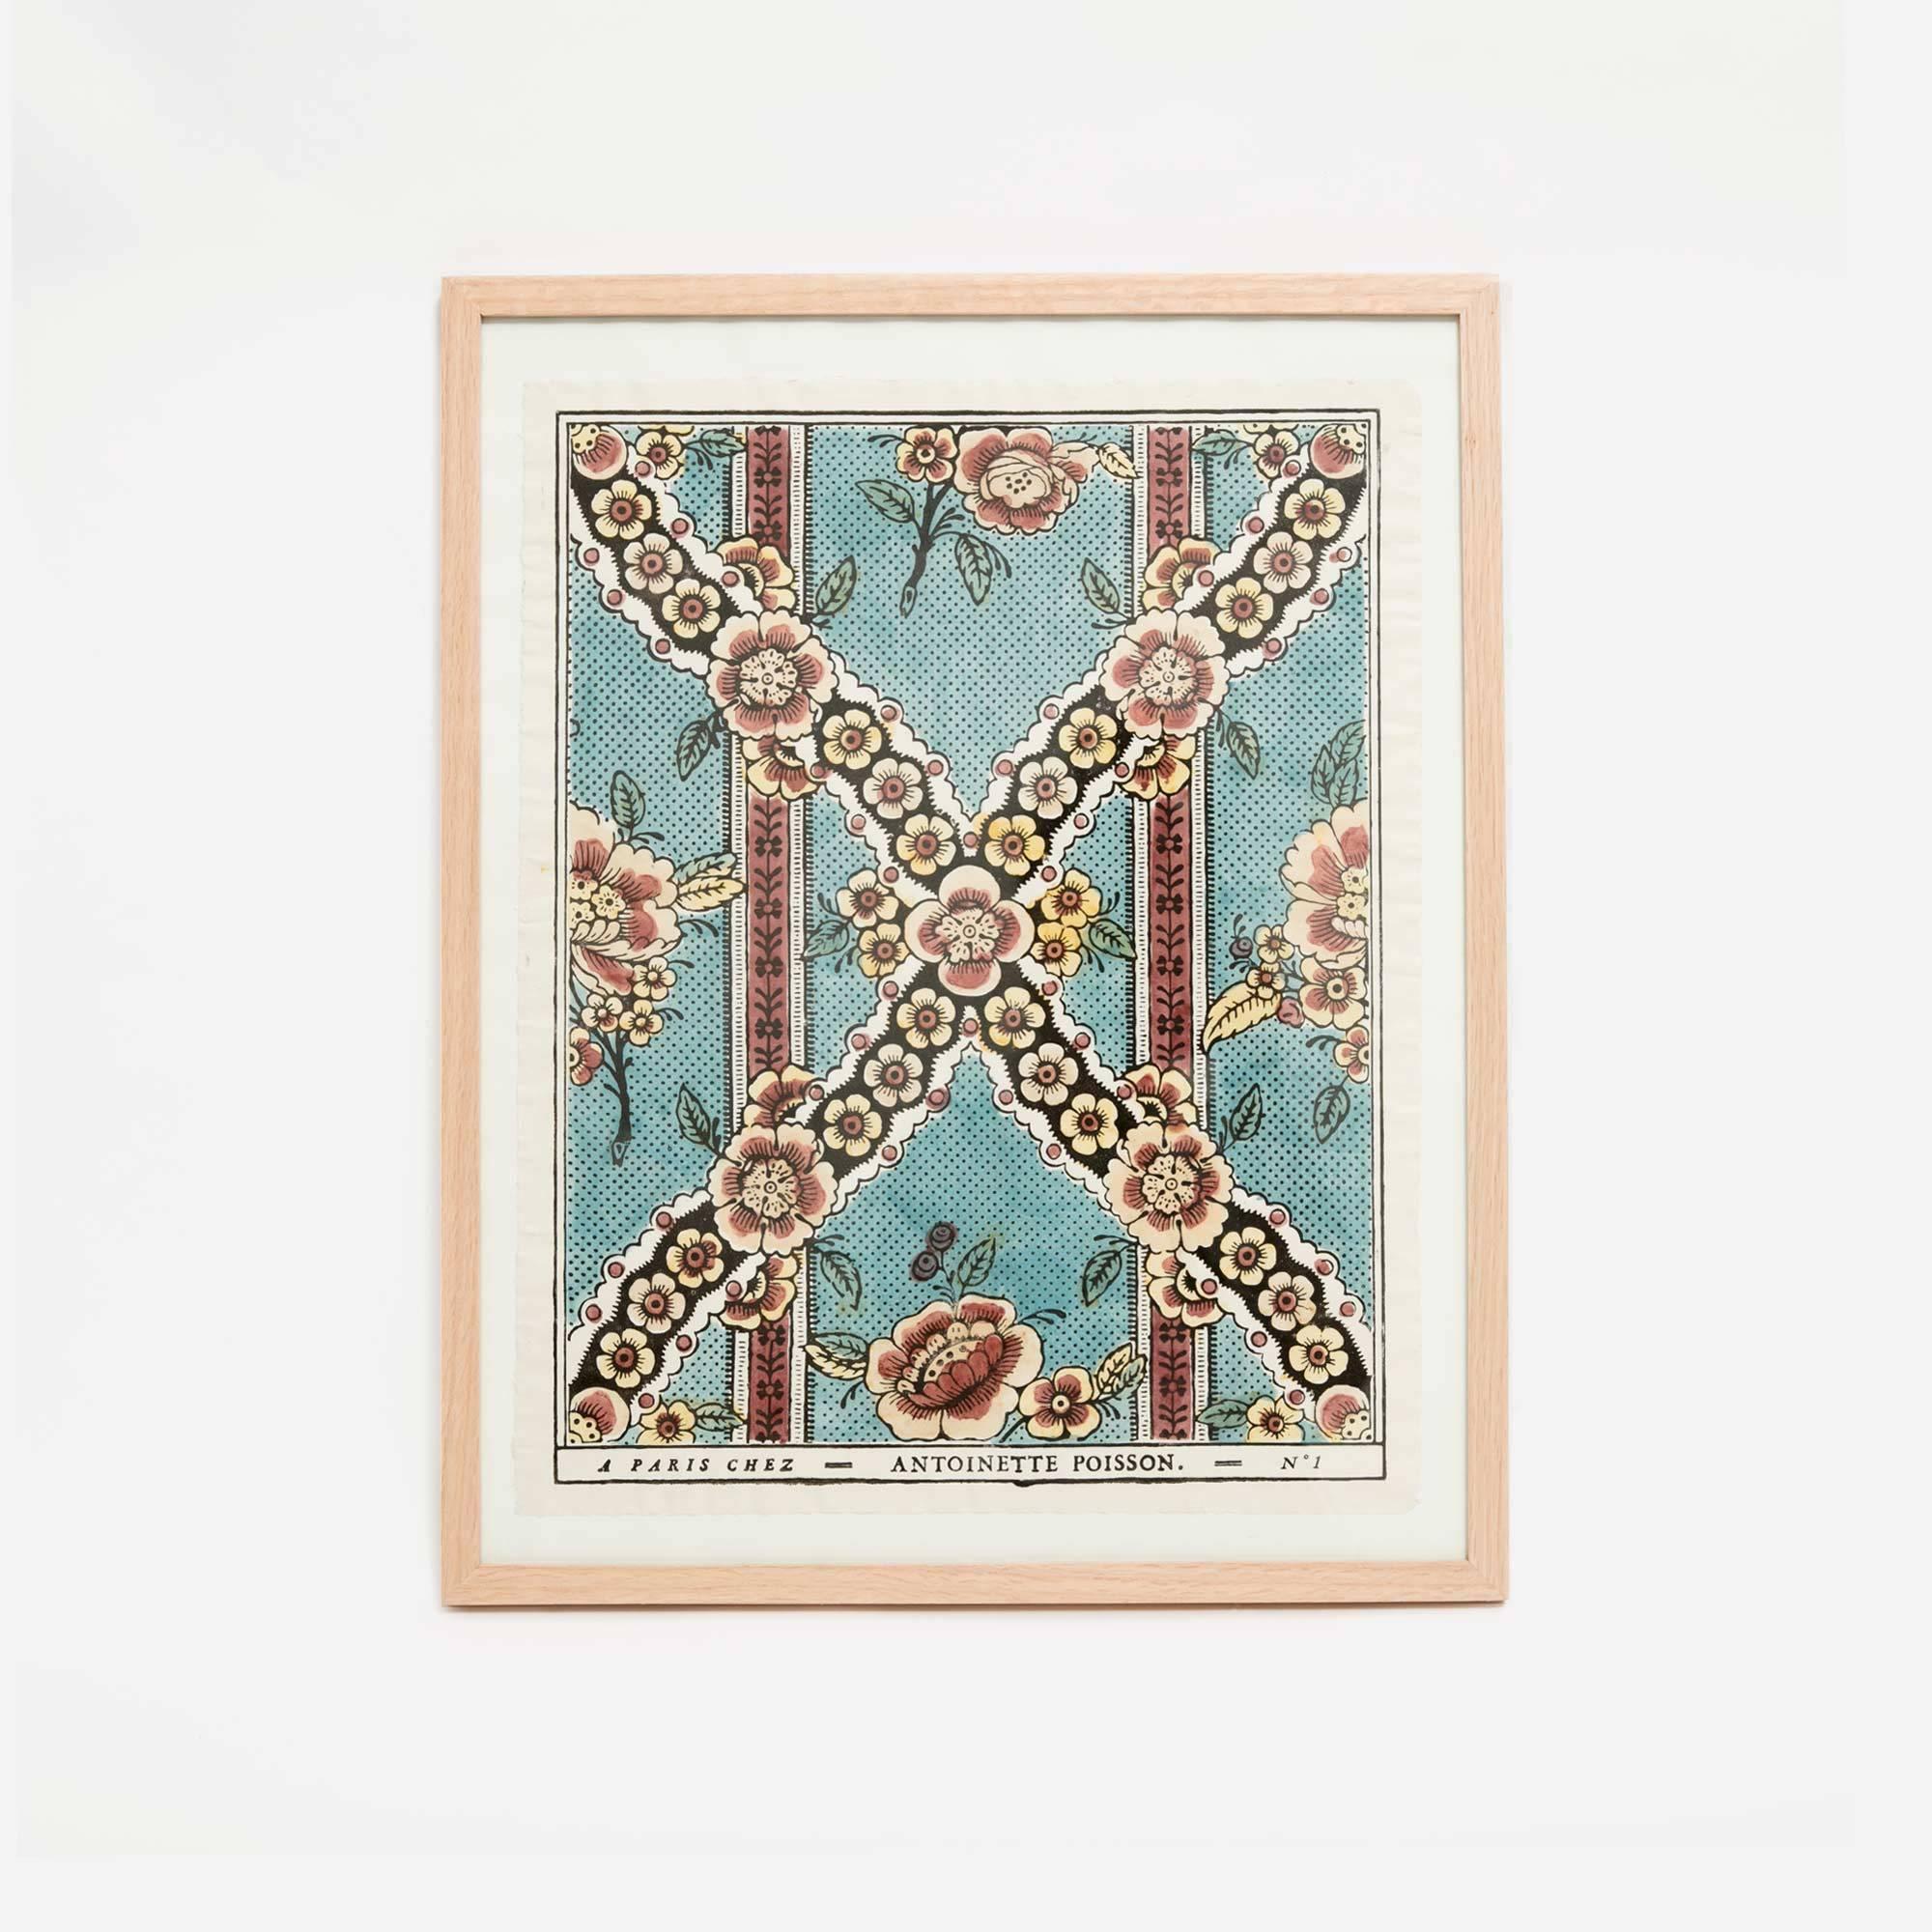 Turquoise flower framed domino paper the garnered the for Antoinette poisson